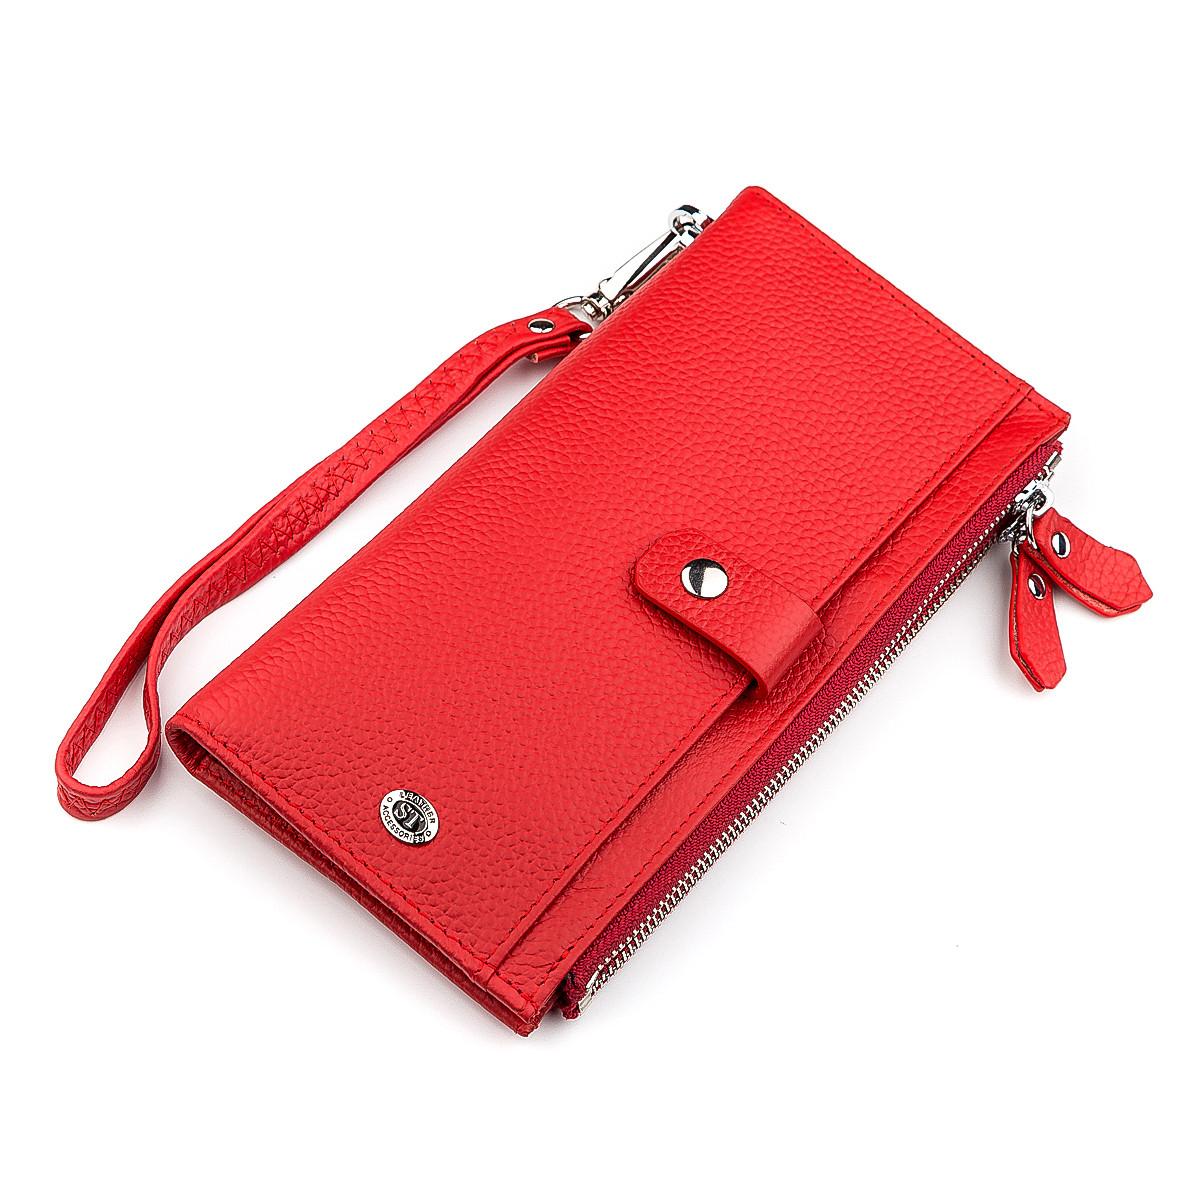 Гаманець жіночий ST Leather 18381 (ST420) багатофункціональний Червоний, Червоний